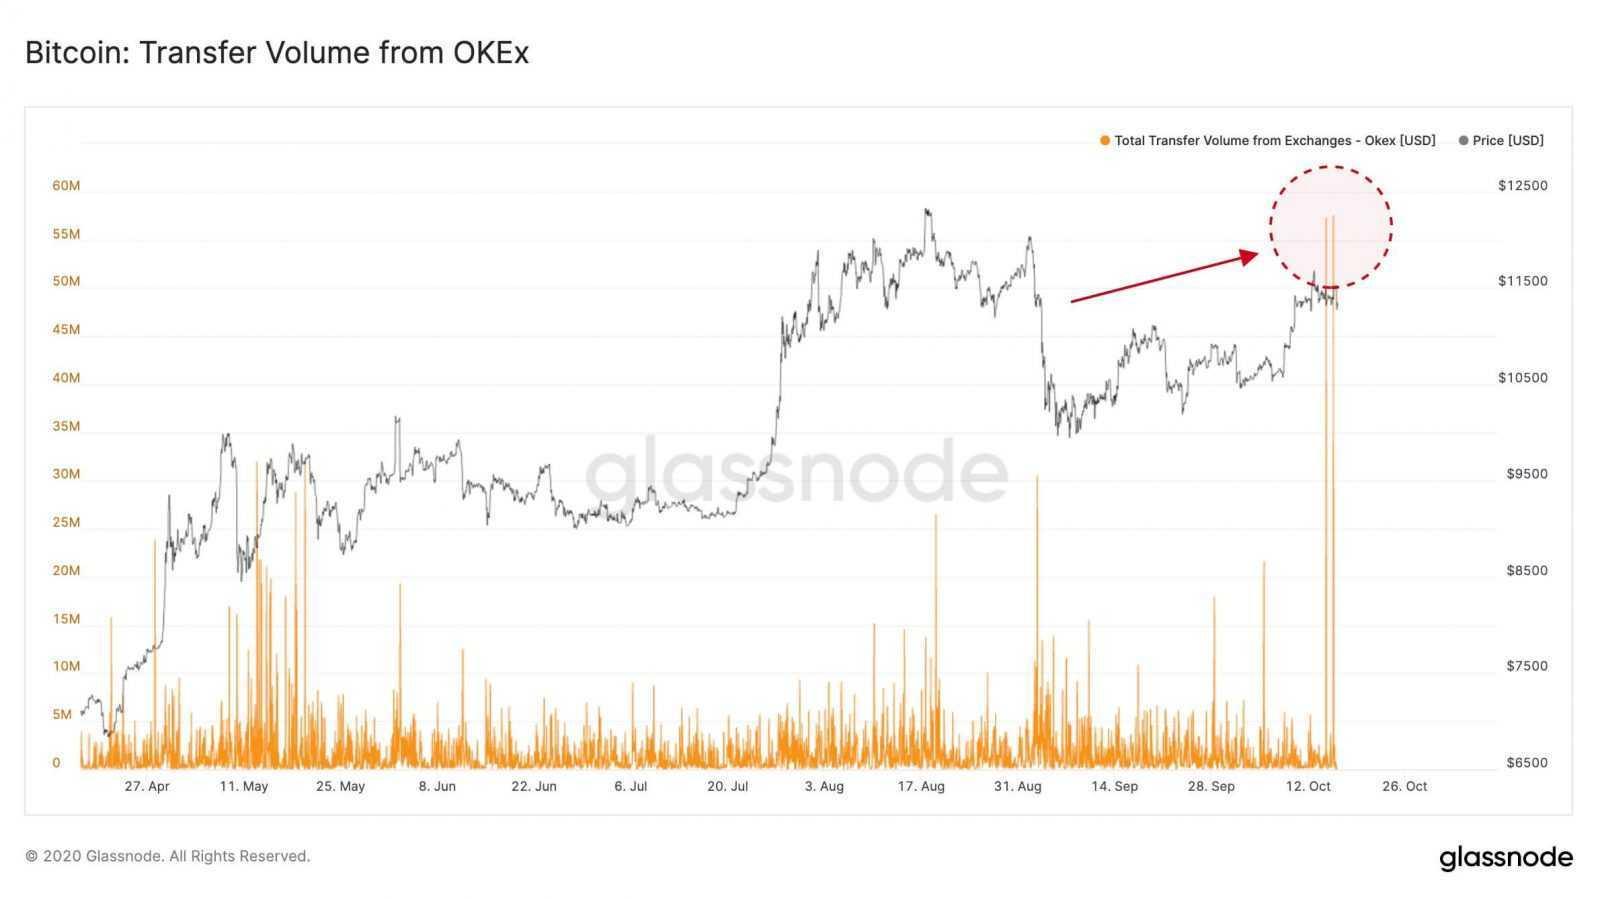 Pirms līdzekļu izvadīšanas moratorija ieviešanas no biržas OKEx aizskaitīti 10 000 BTC